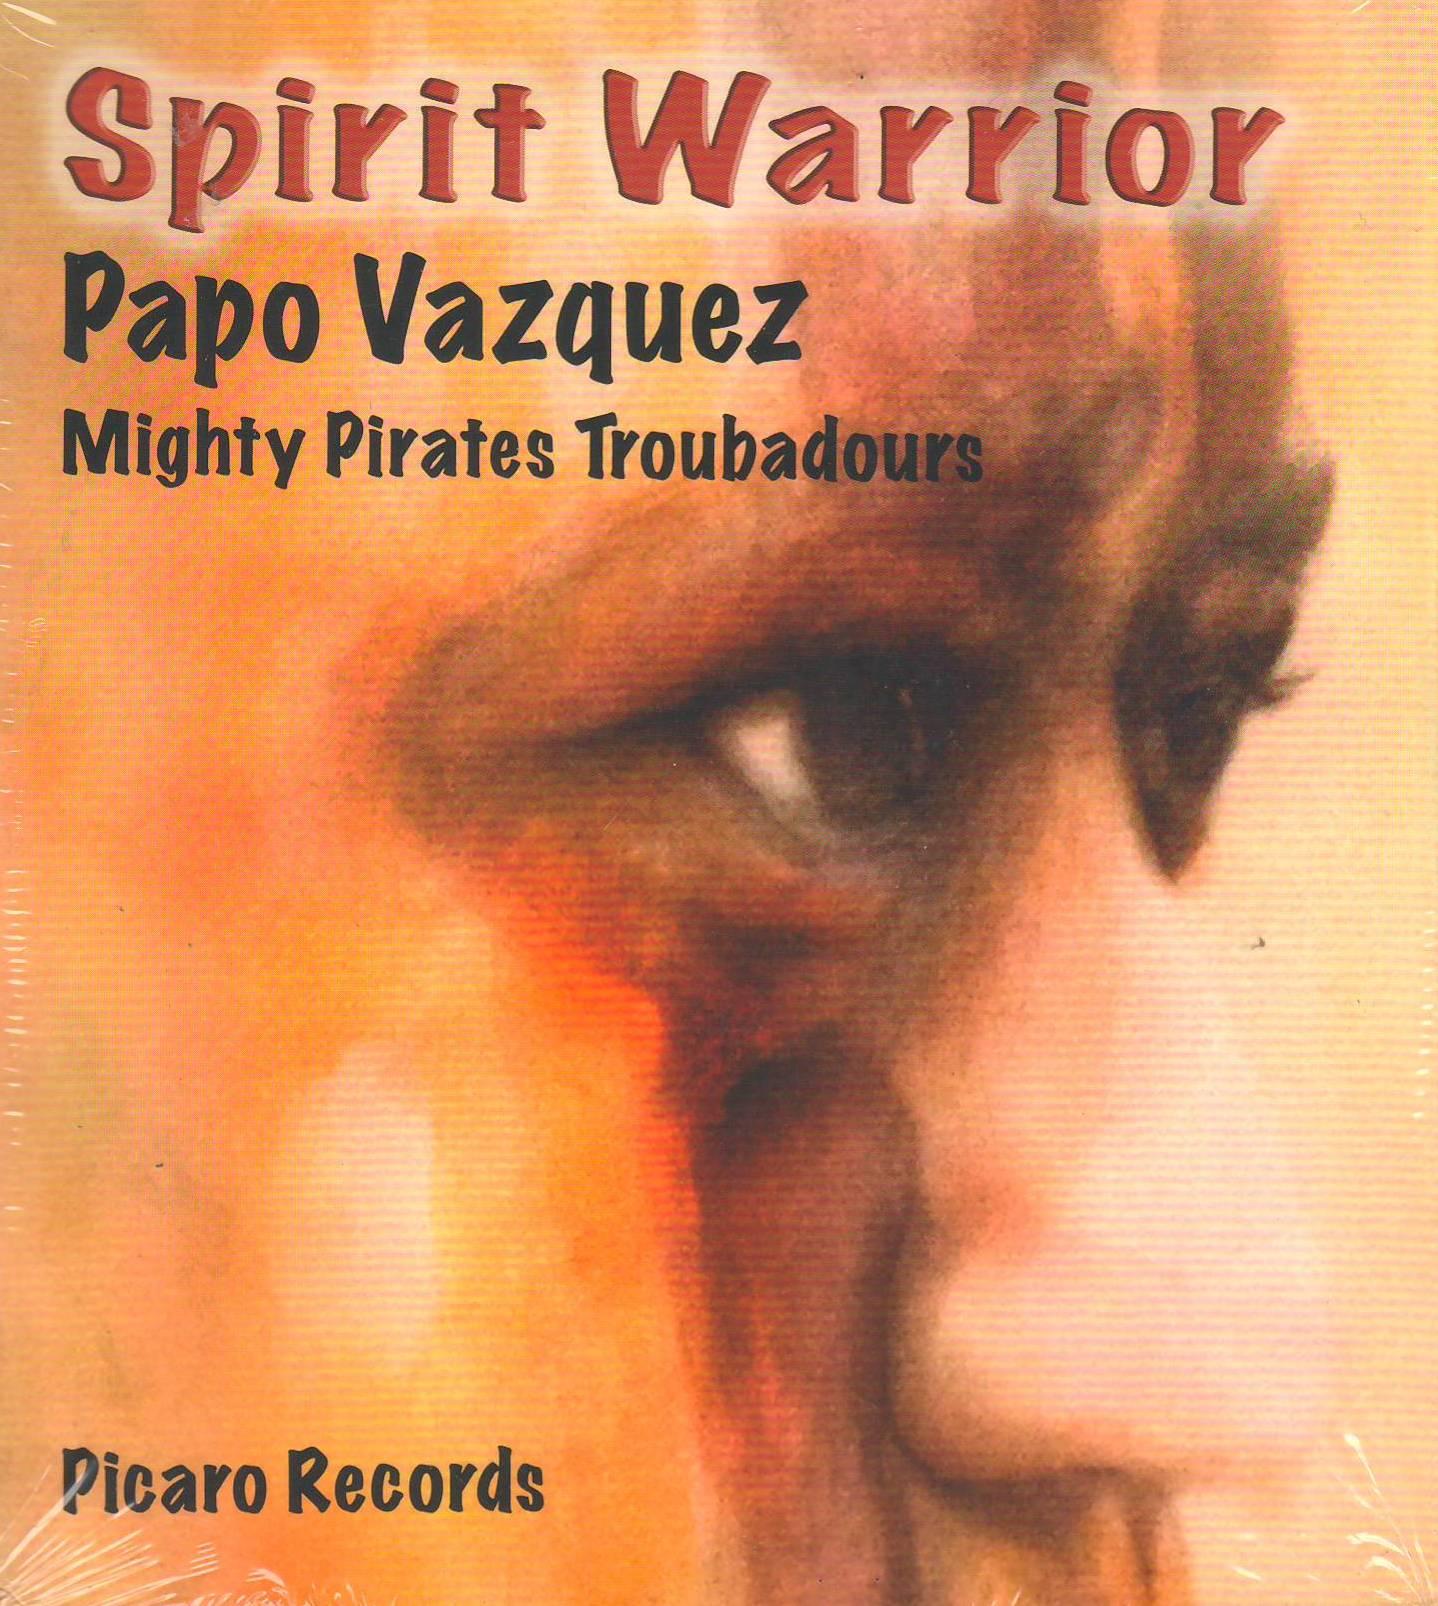 papo vazquez spirit warrior